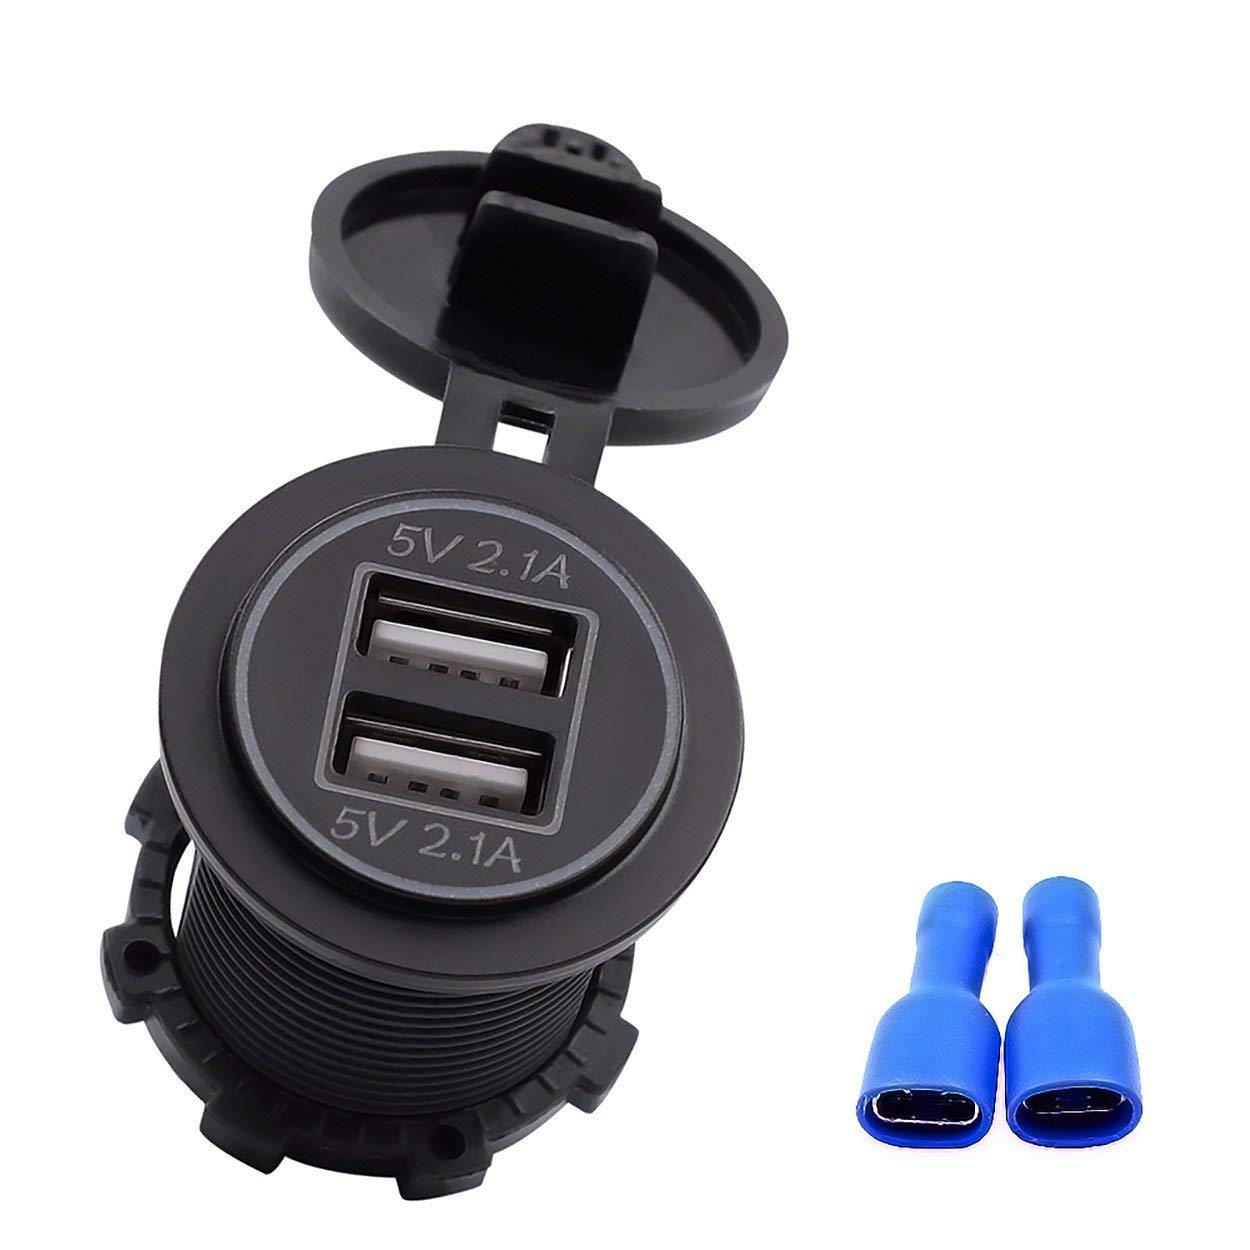 Lorenlli Presa dell'adattatore del Caricatore dell'automobile del Caricatore dell'automobile di Due Porte USB di Doppi 4.2A con Luce Adatta a motocicli 12V-24V Automatici